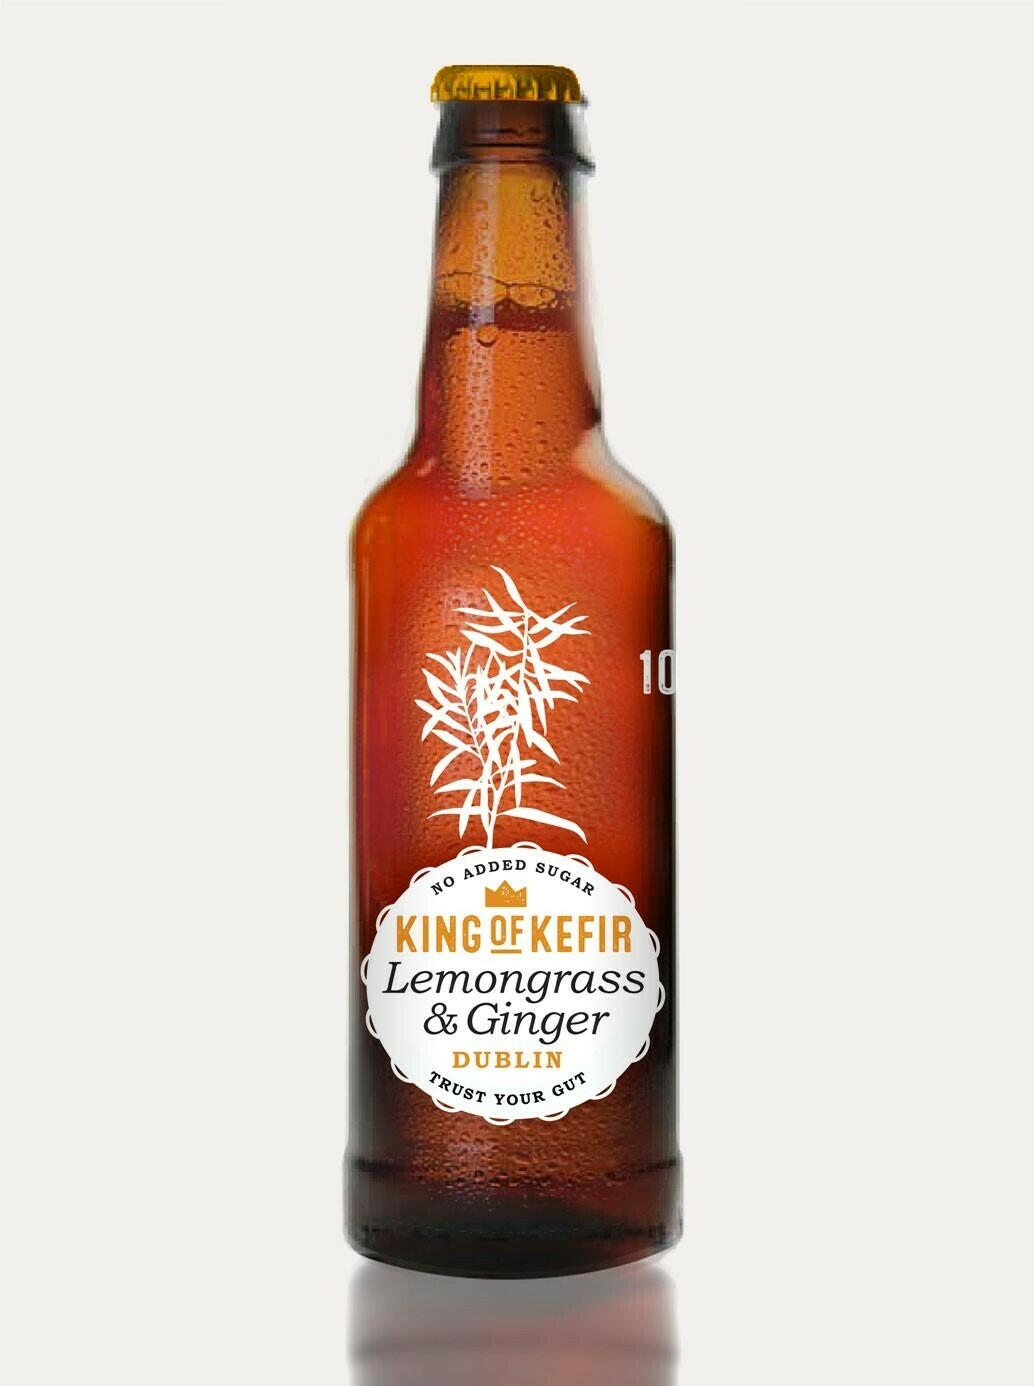 King of Kefir Lemongrass & Ginger, 12 x 330ml